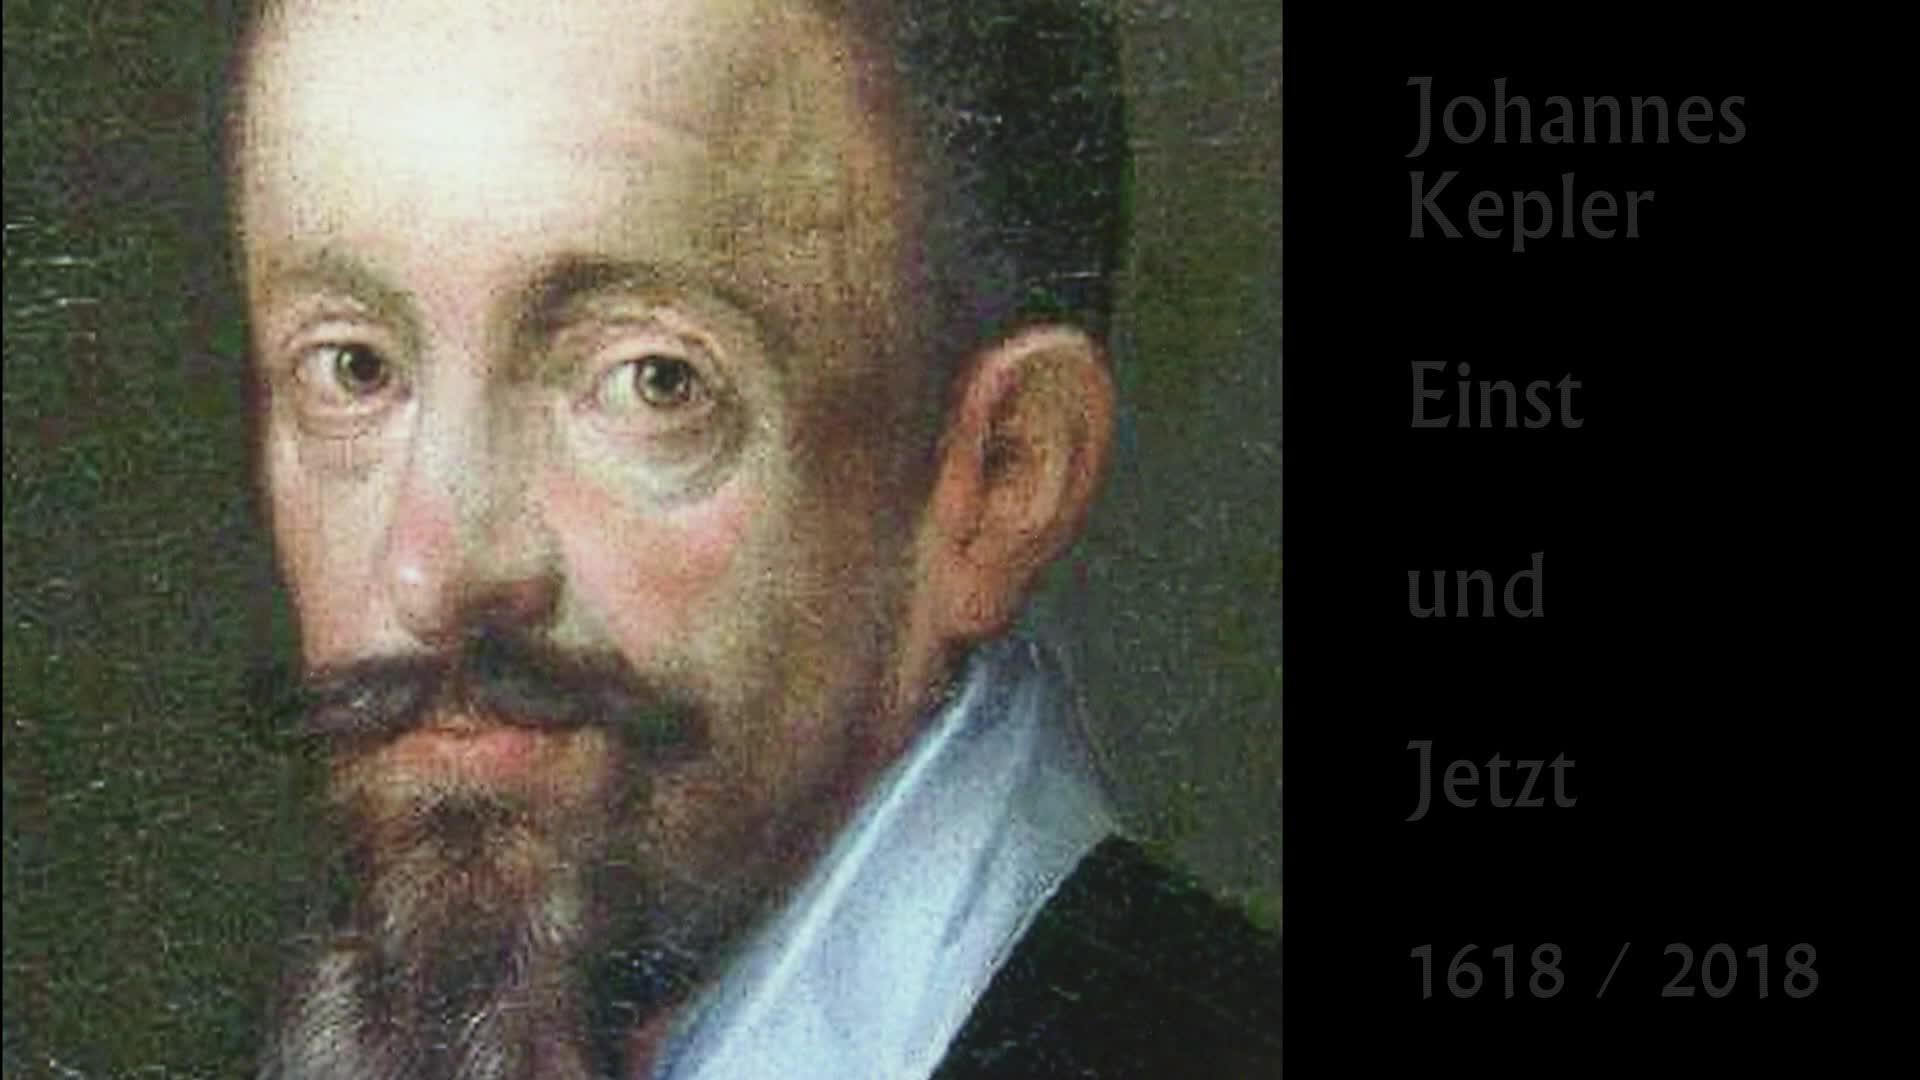 Johannes Kepler - Einst und Jetzt